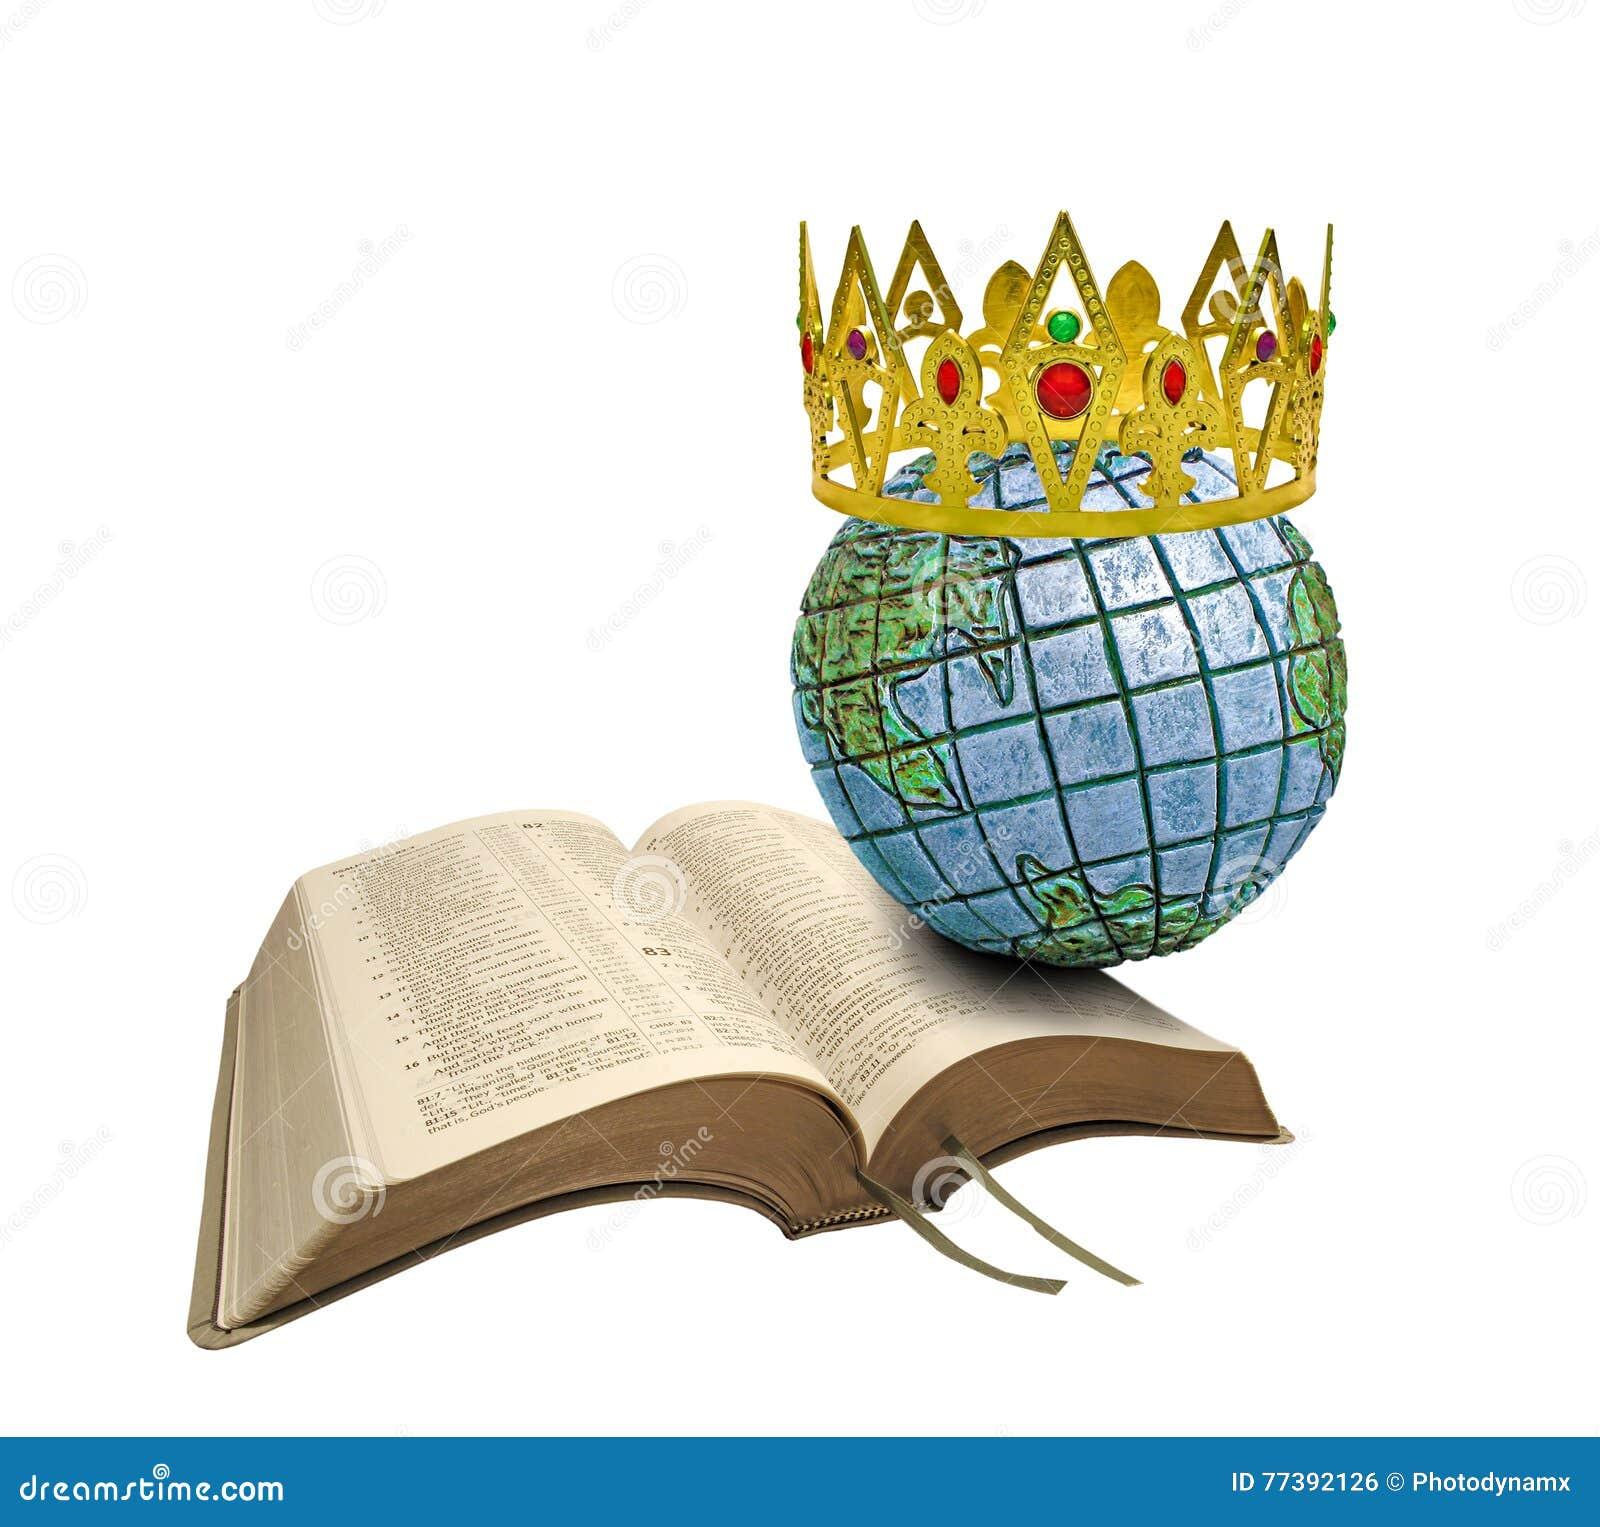 Królestwo nasz władyka